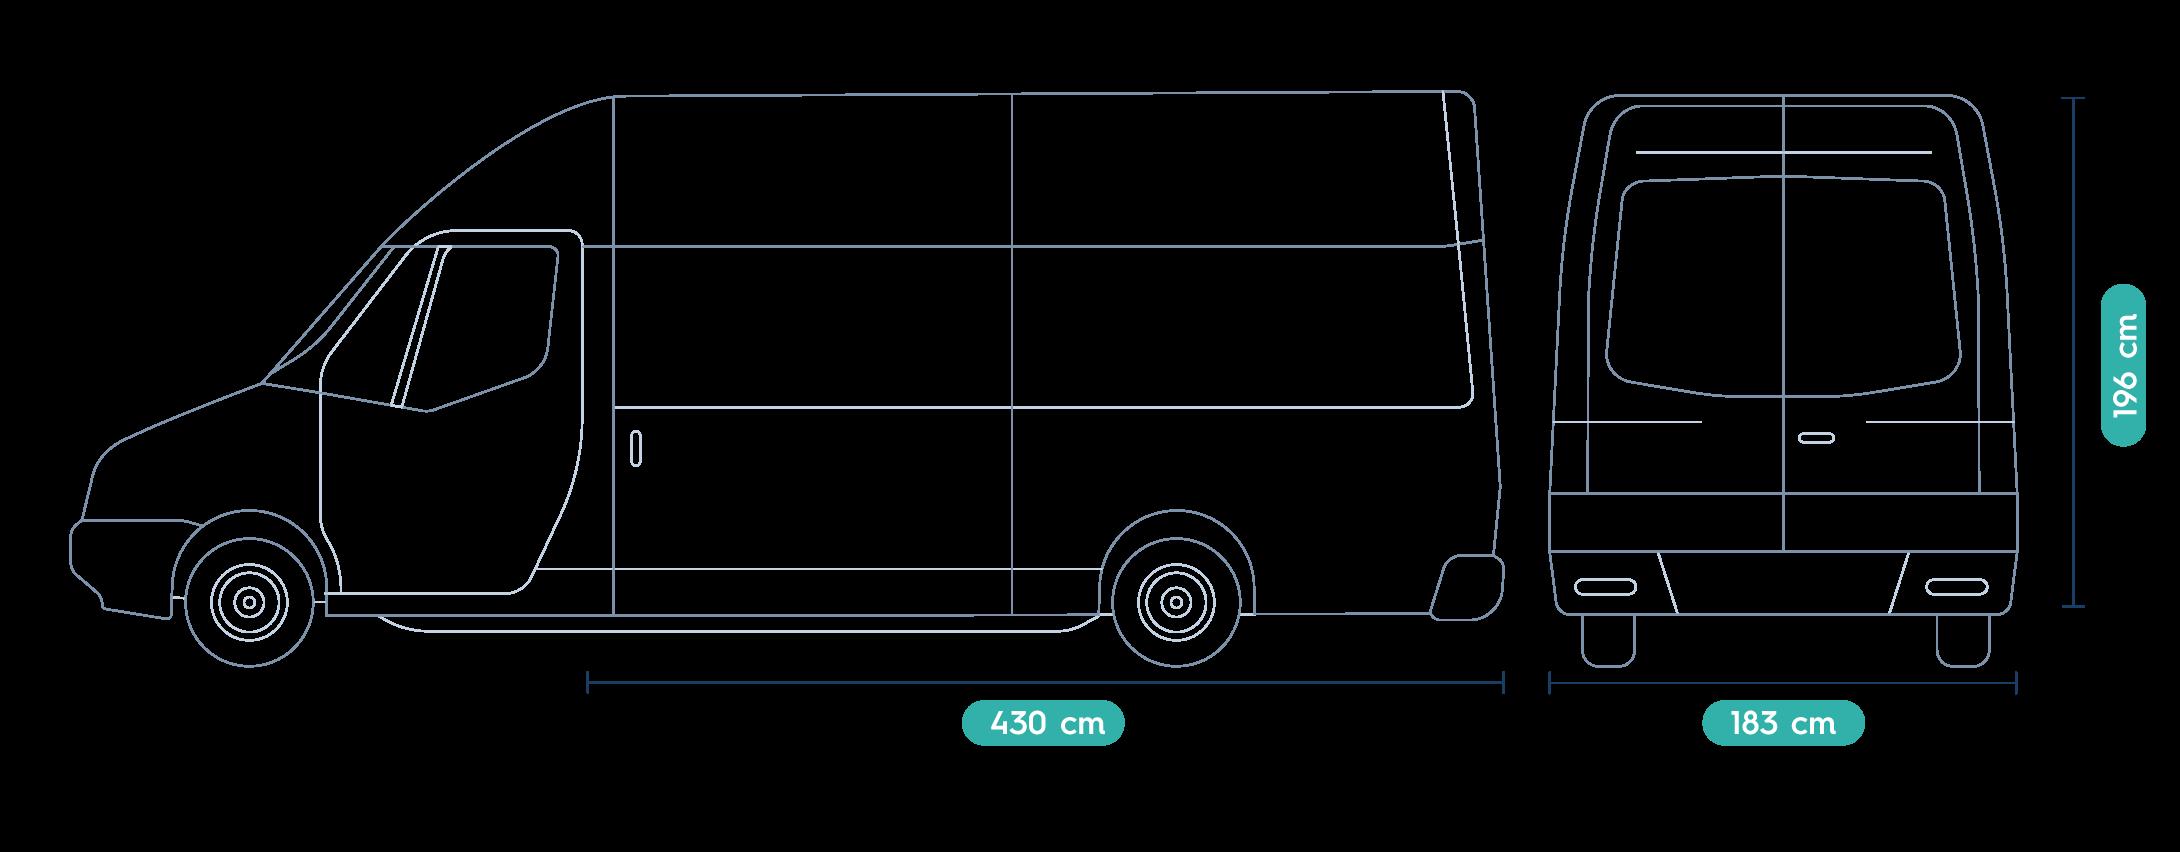 jbg-trans-truck_01@2x